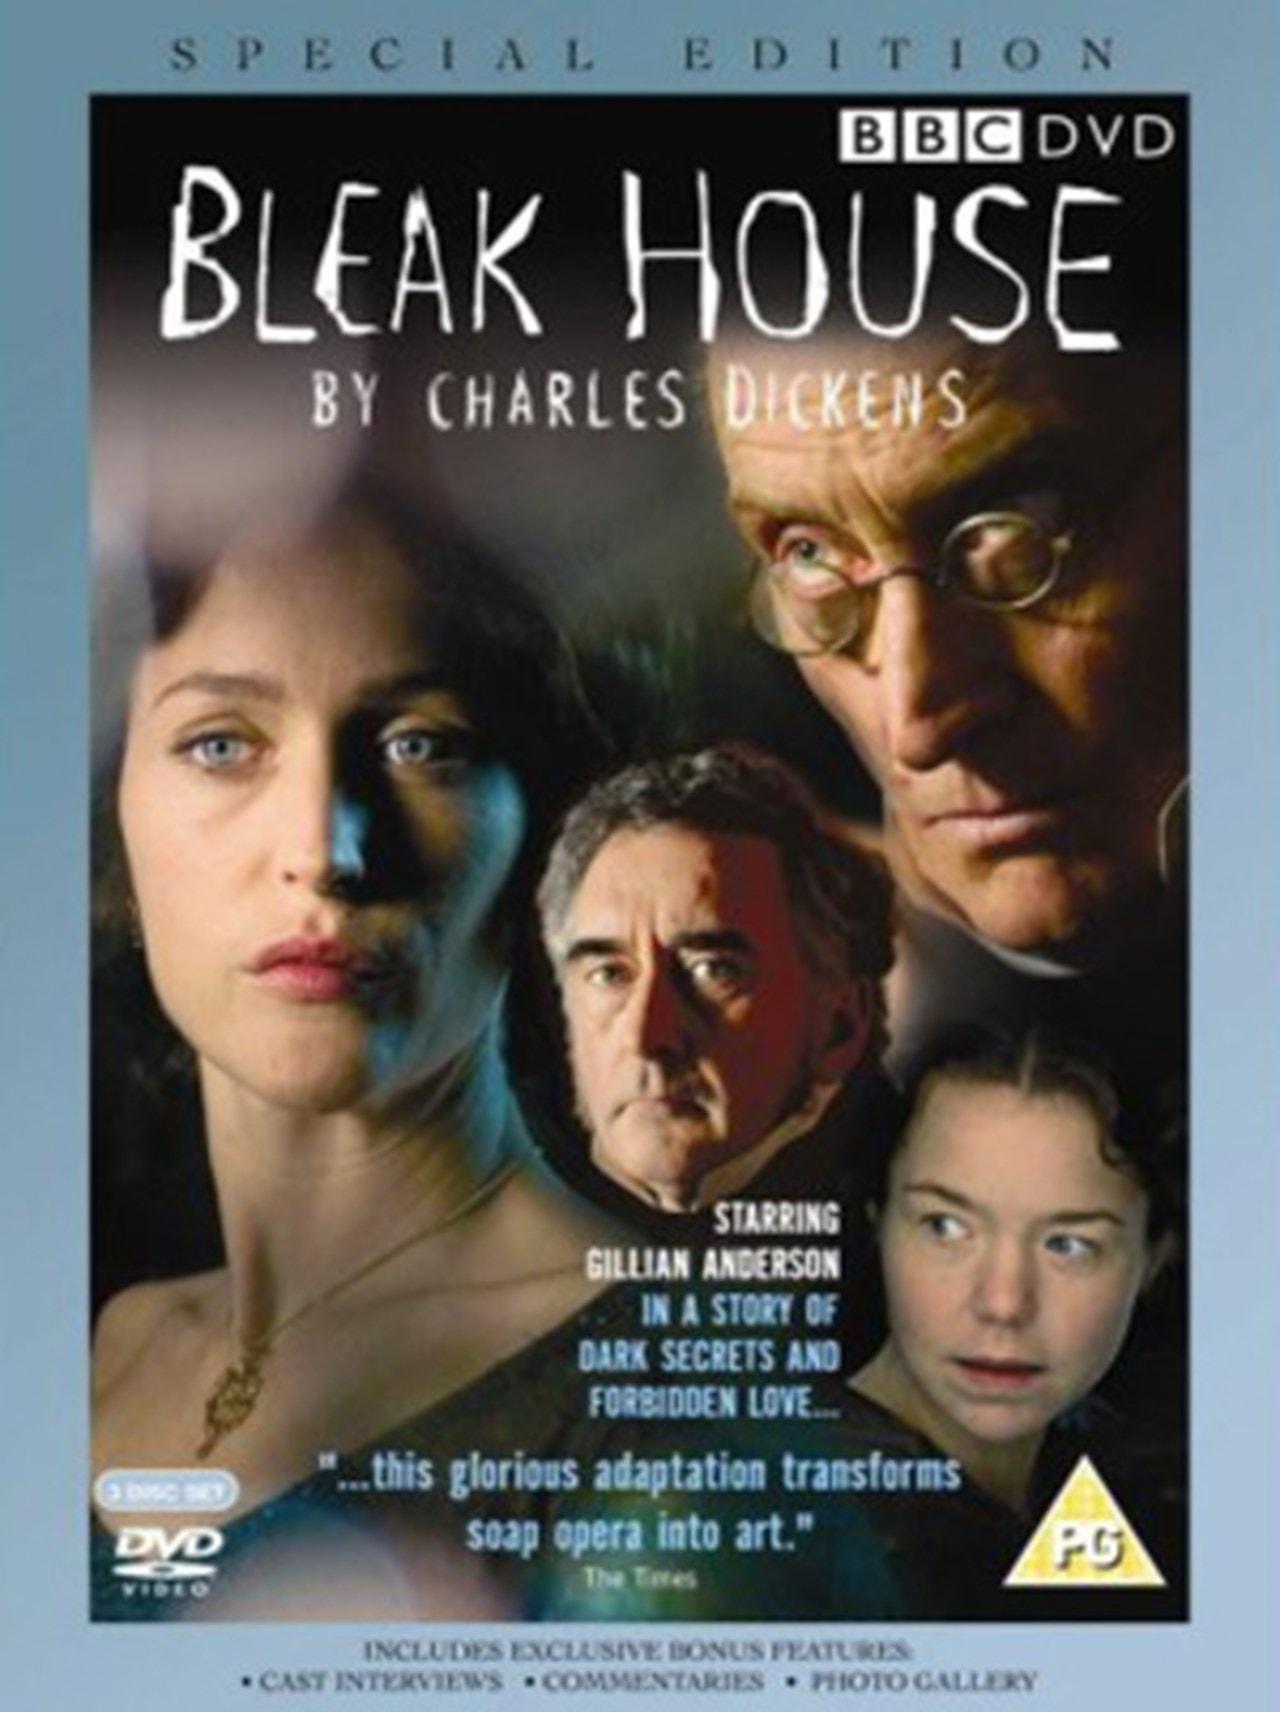 Bleak House Dvd Box Set Free Shipping Over 20 Hmv Store